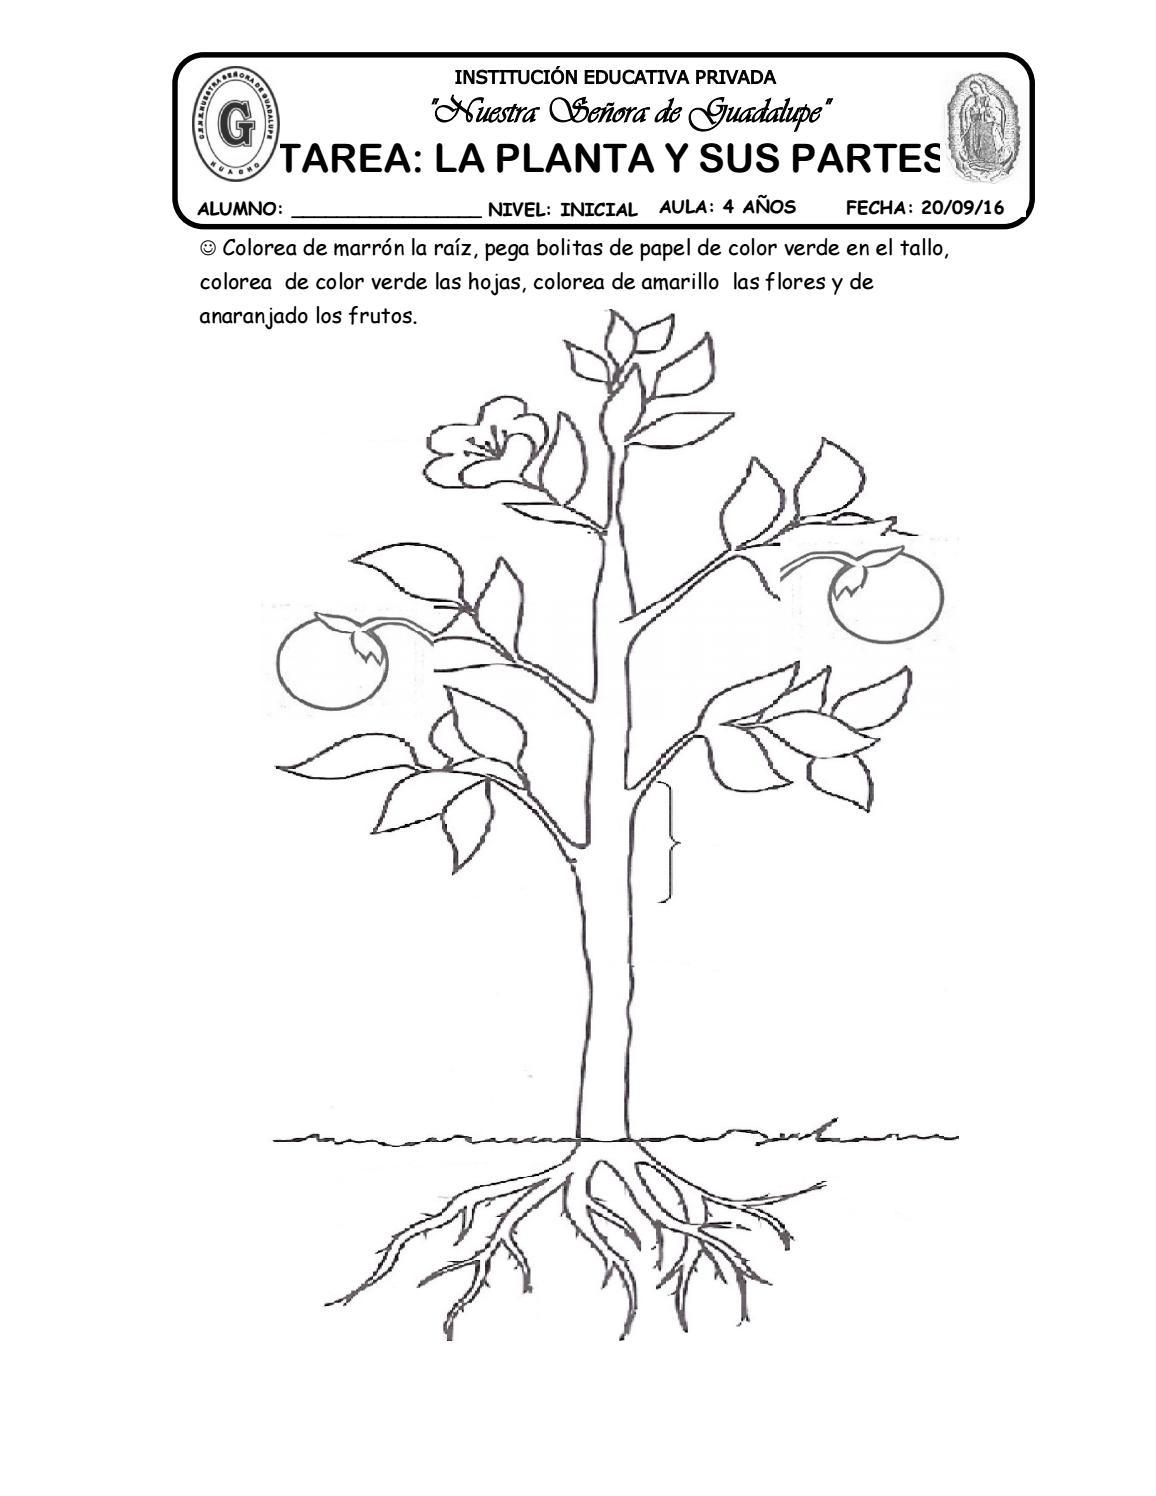 26 Tarea La Planta Y Sus Partes By Katy Hormiguita Issuu